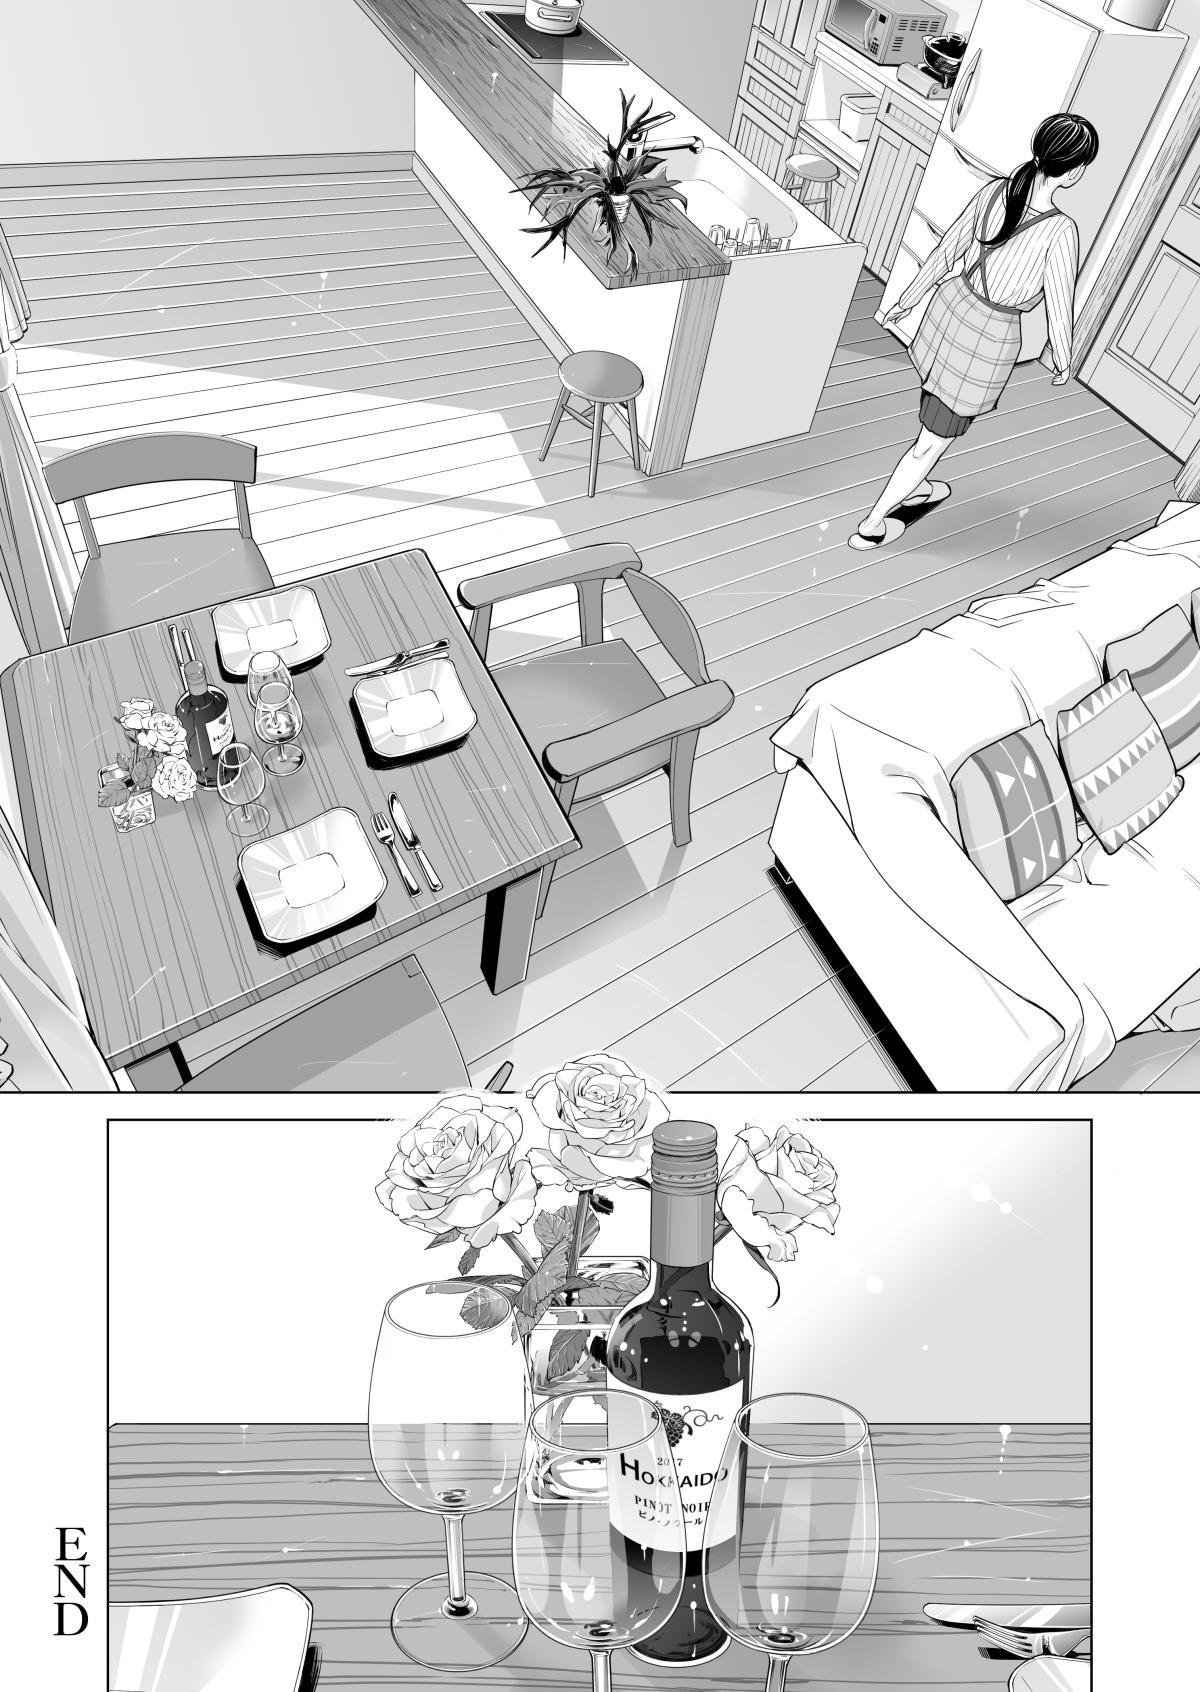 [HGT Lab (Tsusauto)] Tsukiyo no Midare Zake ~Hitozuma wa Yoitsubureta Otto no Soba de Douryou ni Netorareru~ Kouhen (CHINESE) 71